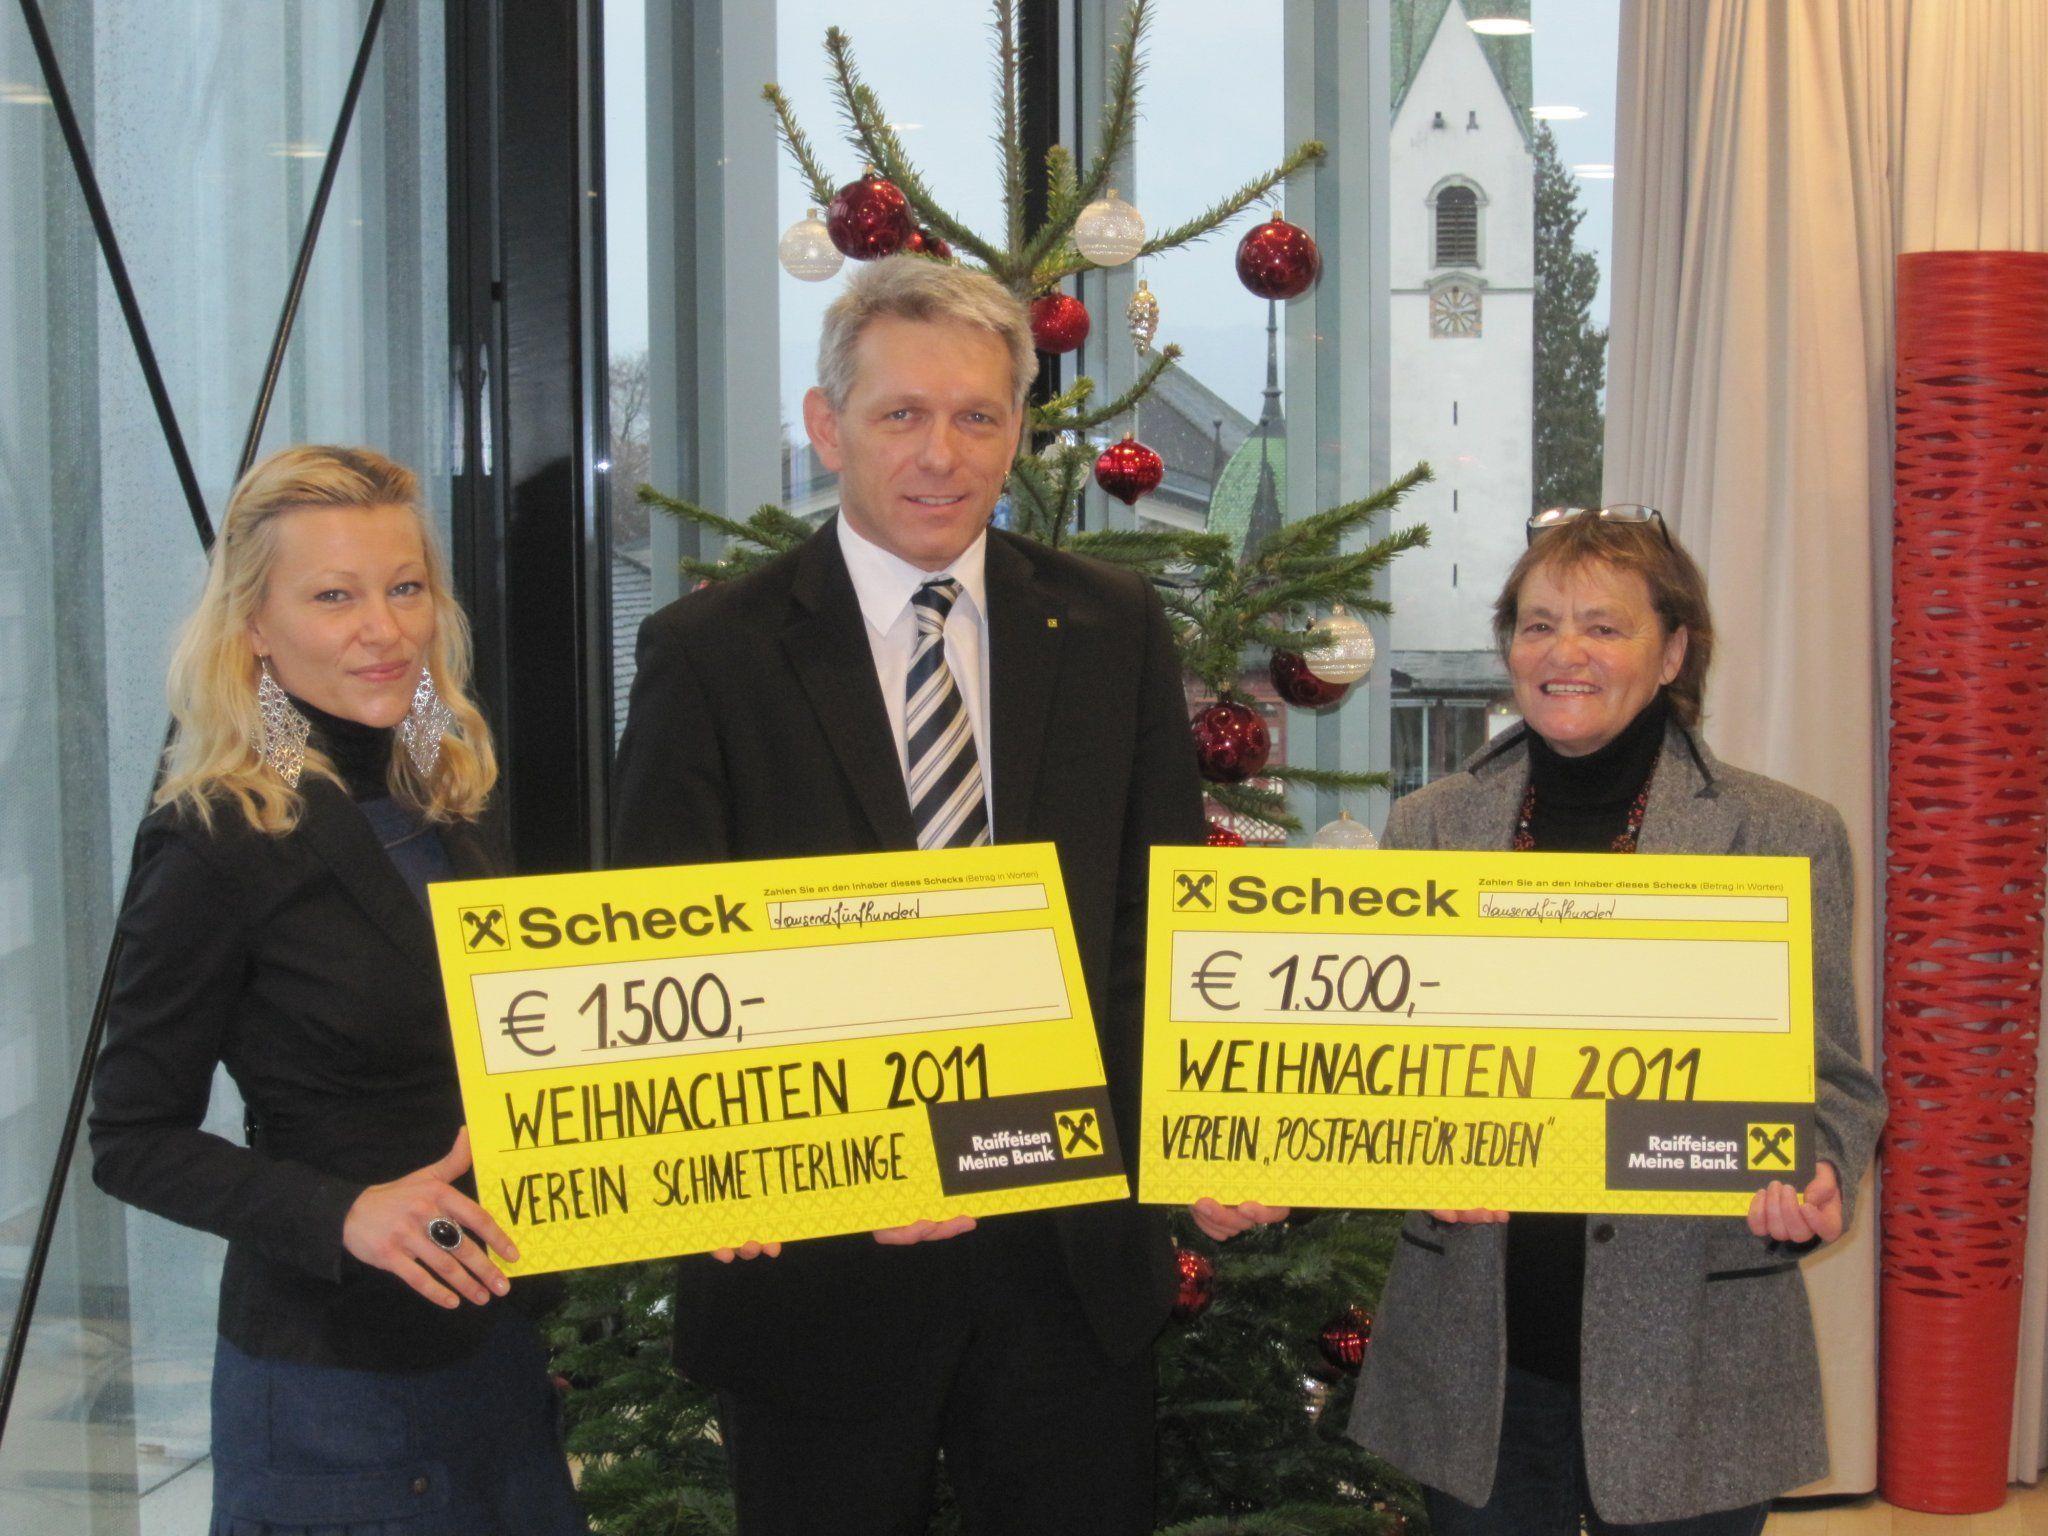 Karin Kaufmann vom Verein Schmetterlinge, Udo Reiner (Leiter Marketing Raiba Dornbirn), Maria Turnher vom Verein Schmetterlinge (v.l.).